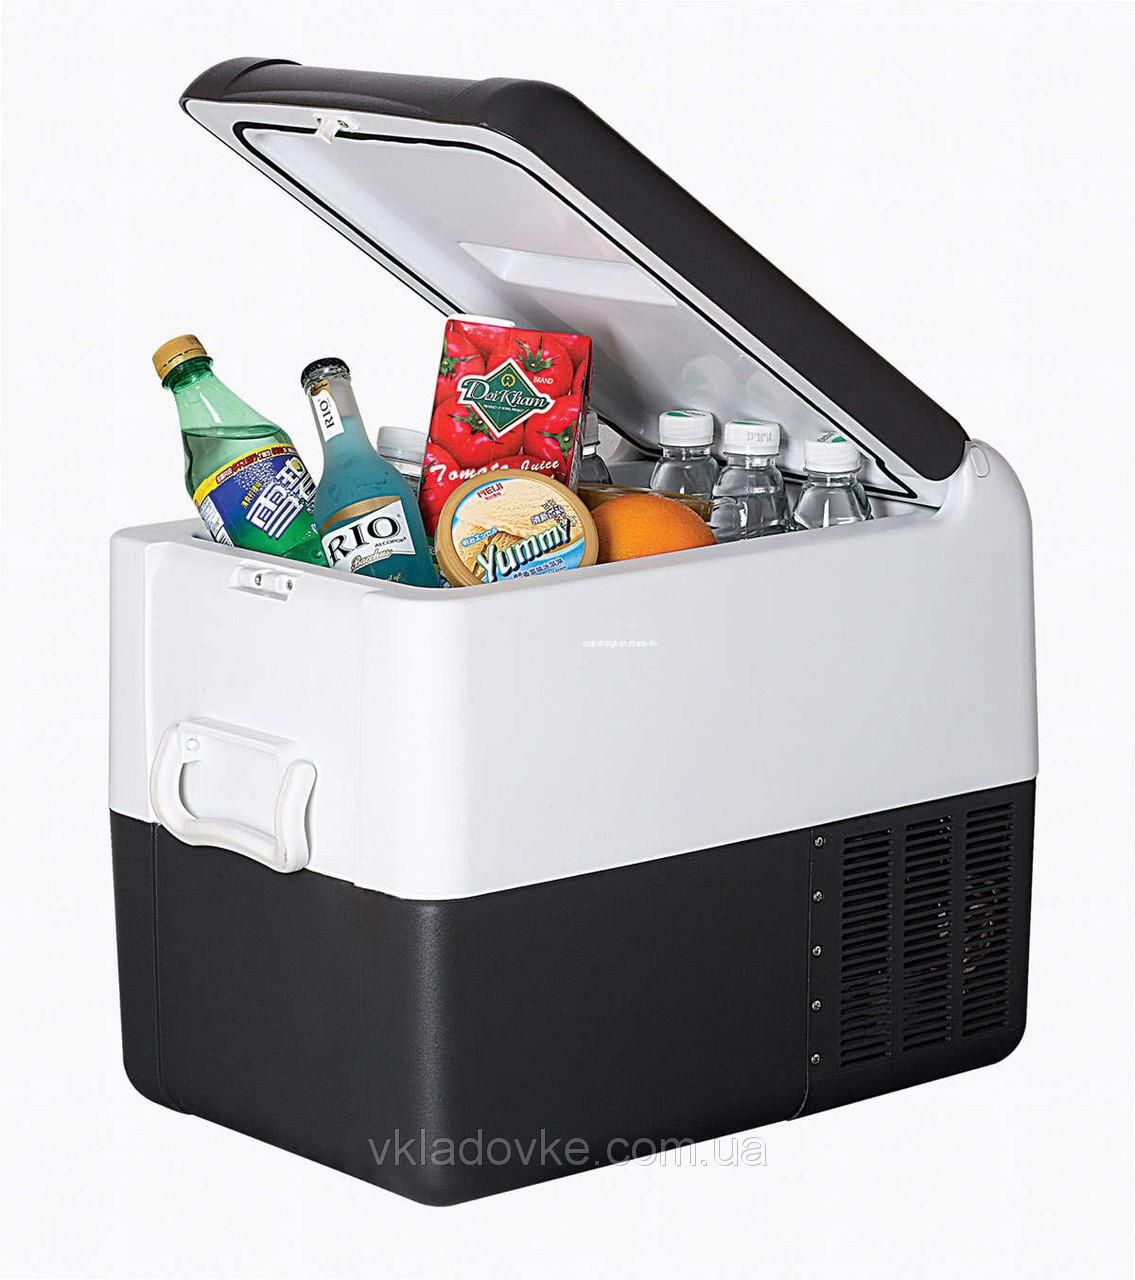 Холодильник Colku  -18- +10⁰ 22л.